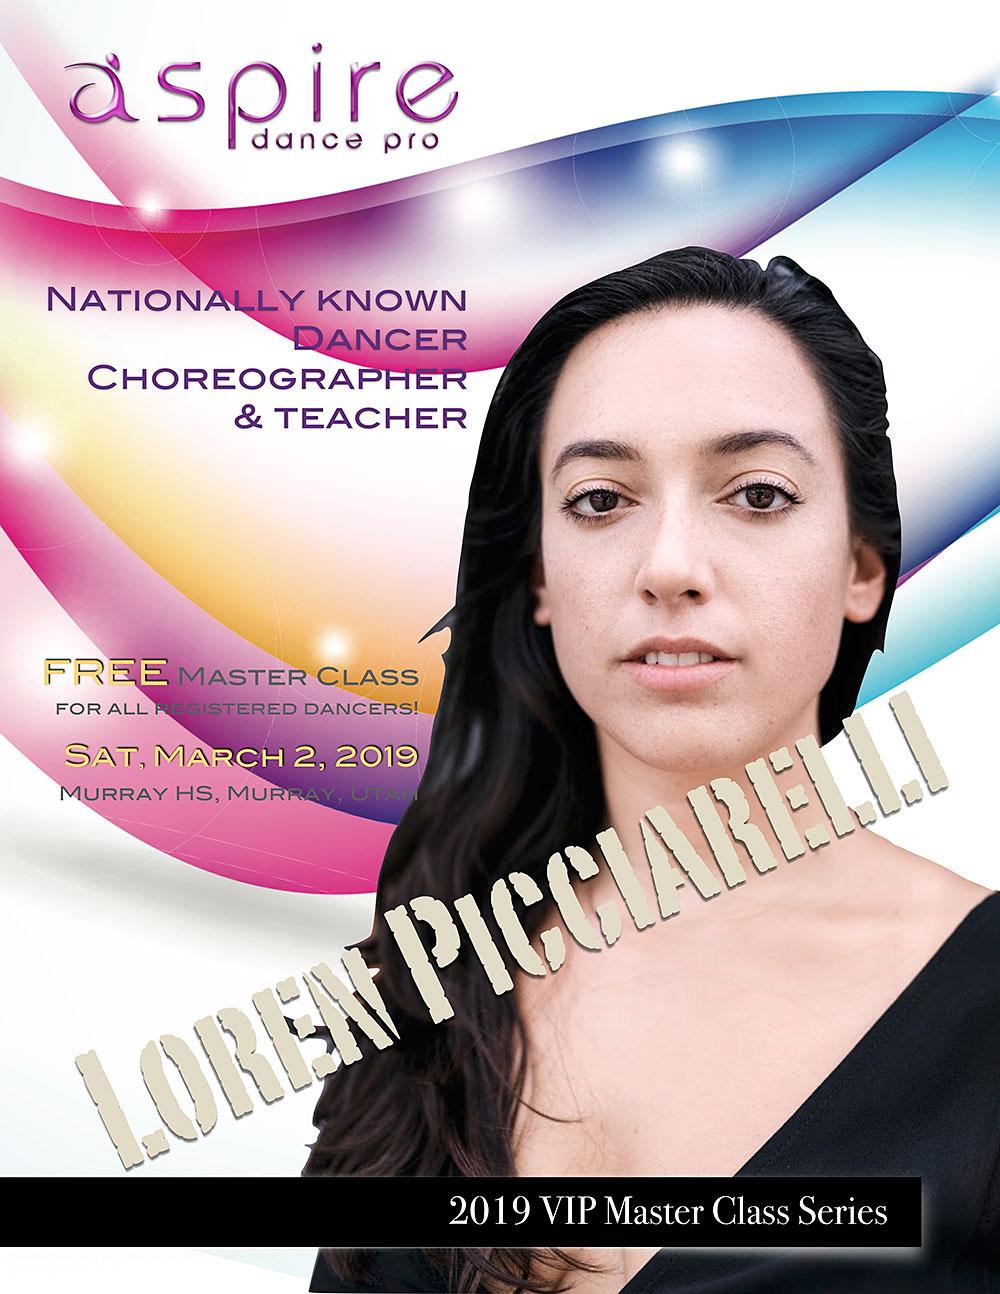 Loren Picciarelli - Aspire Dance Pro Competitions Masterclass Instructor